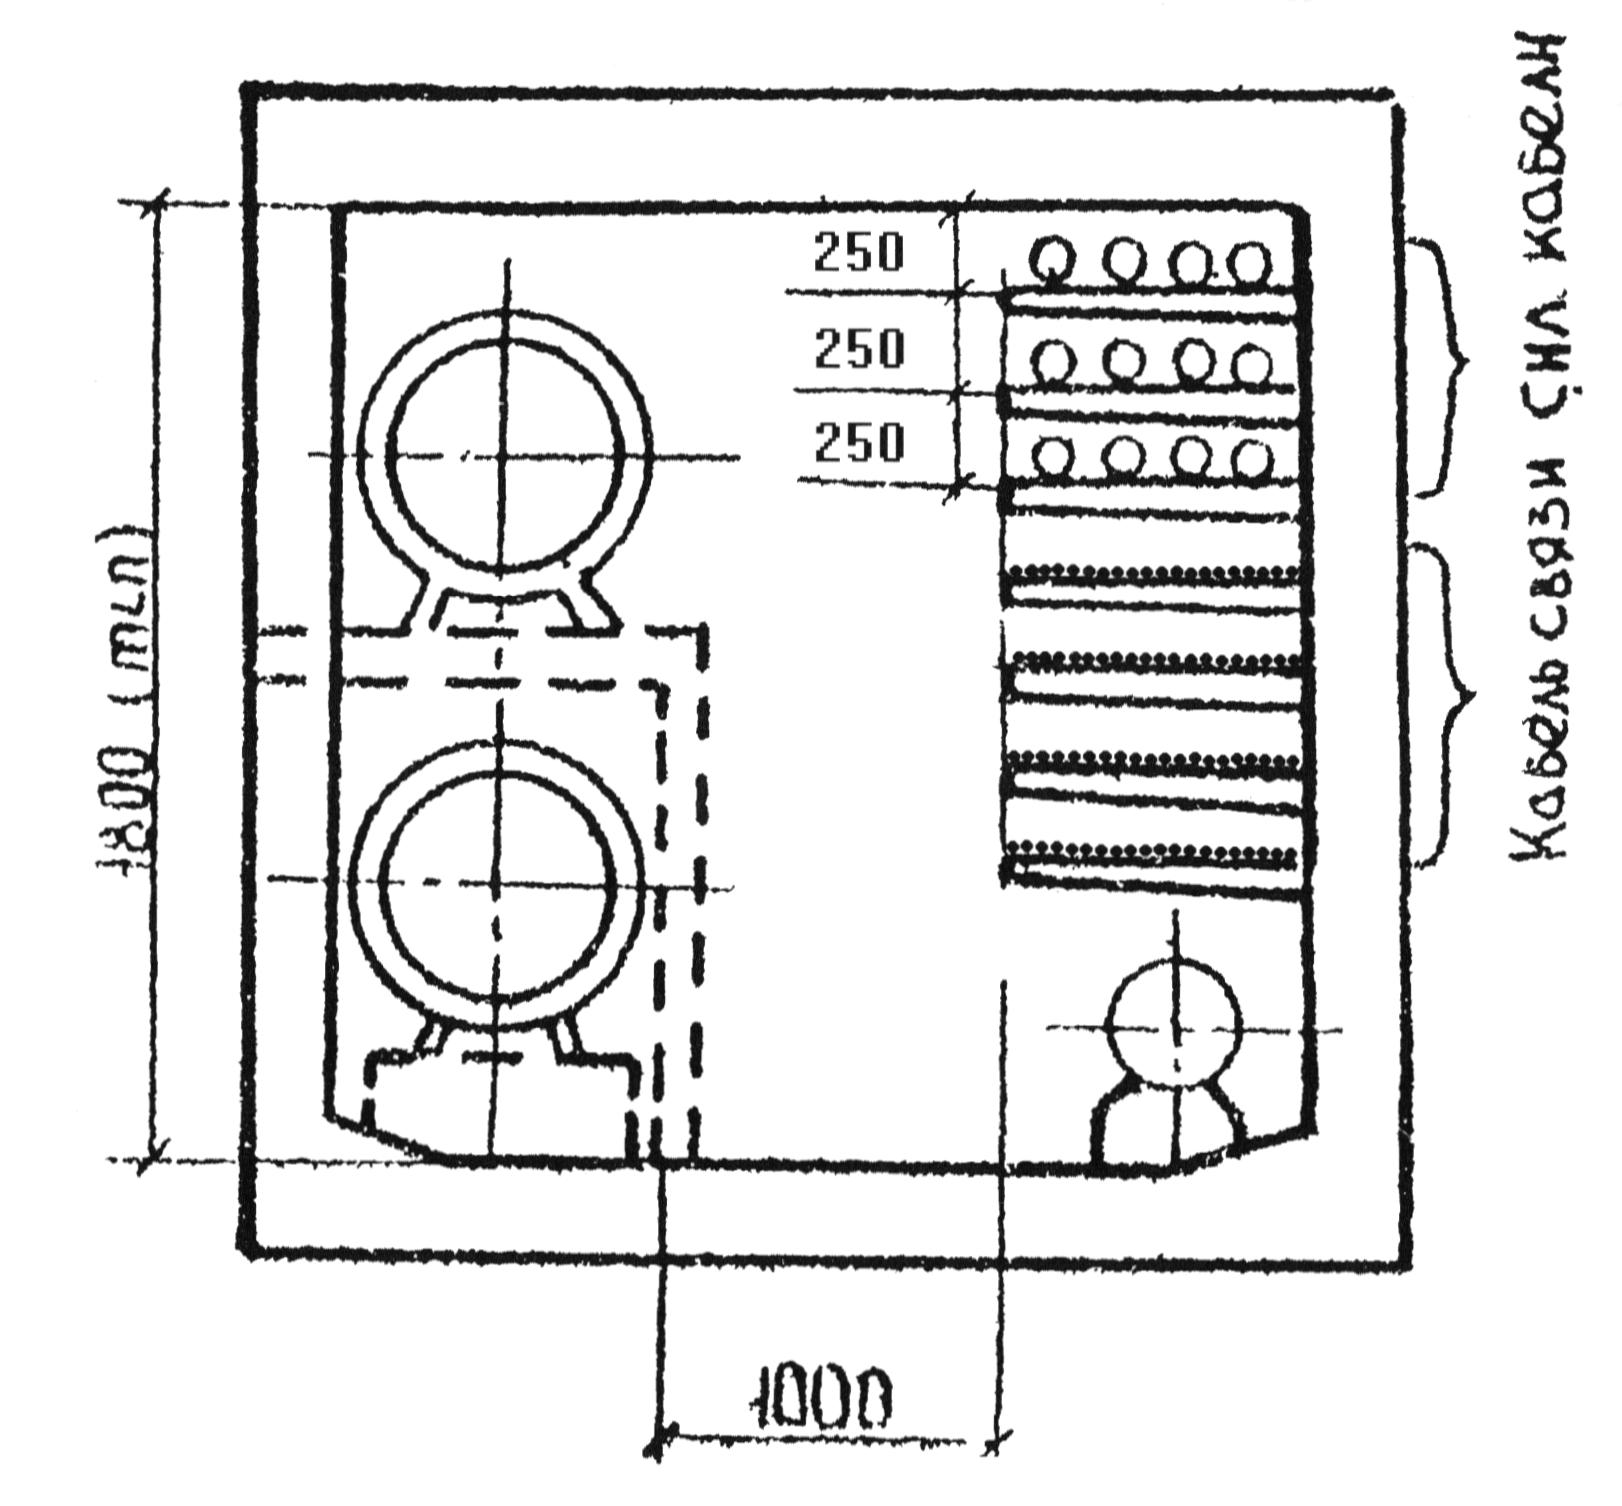 Пример прокладки кабелей в коллекторе